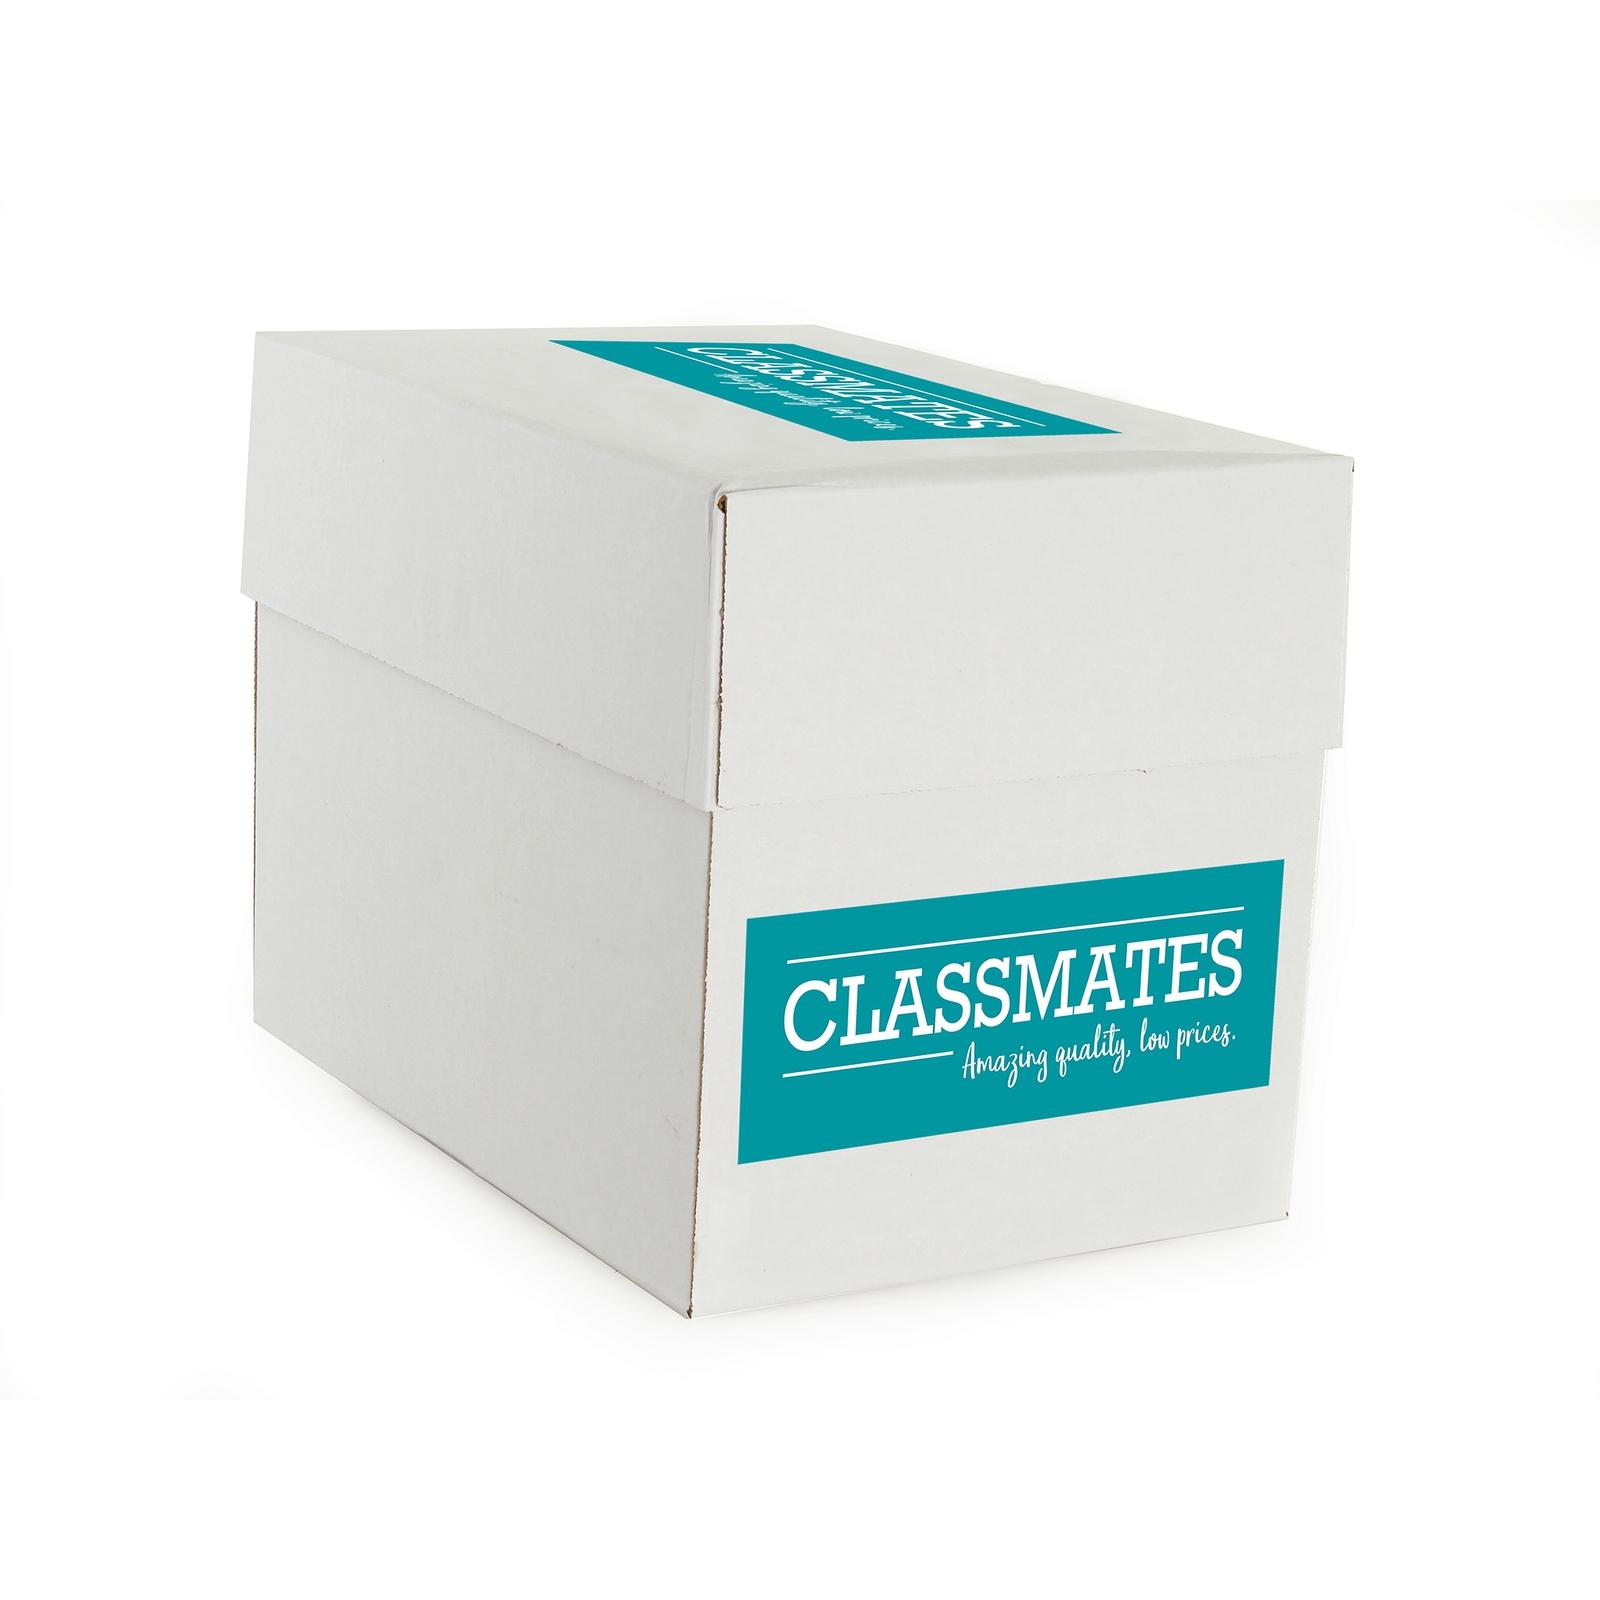 Classmates A4 White Copier Paper - 100 Reams